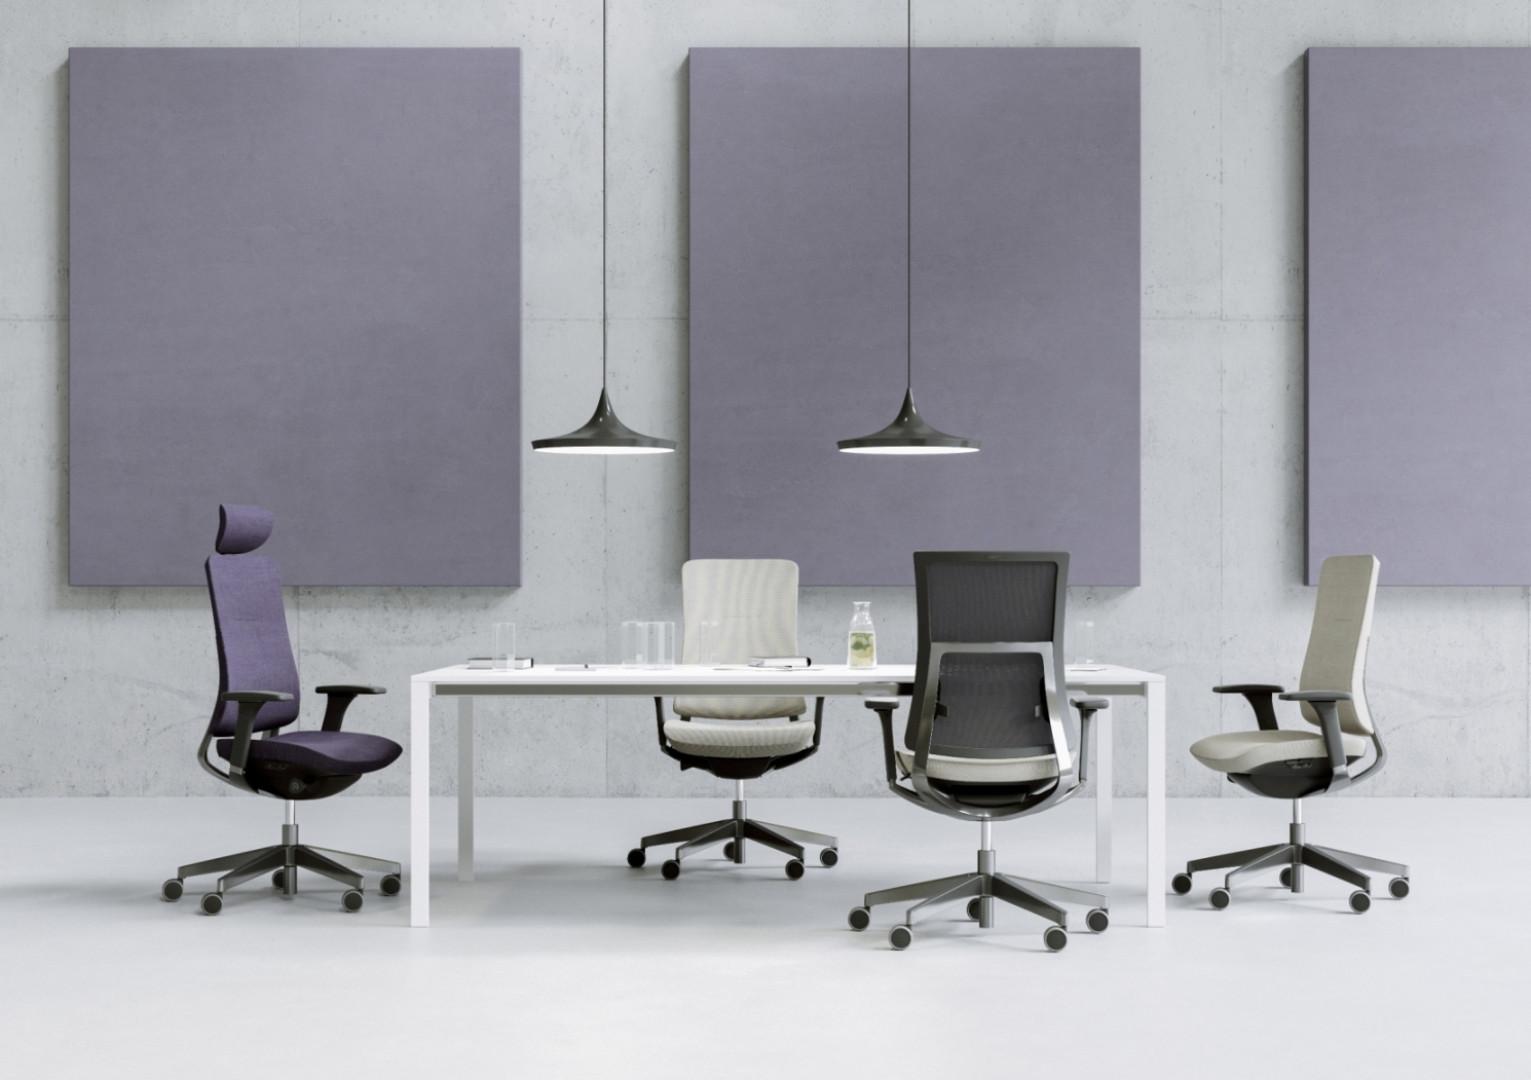 Podczas targów Orgatec Profim pokaże między innymi fotele z serii Violle. Fot. Profim